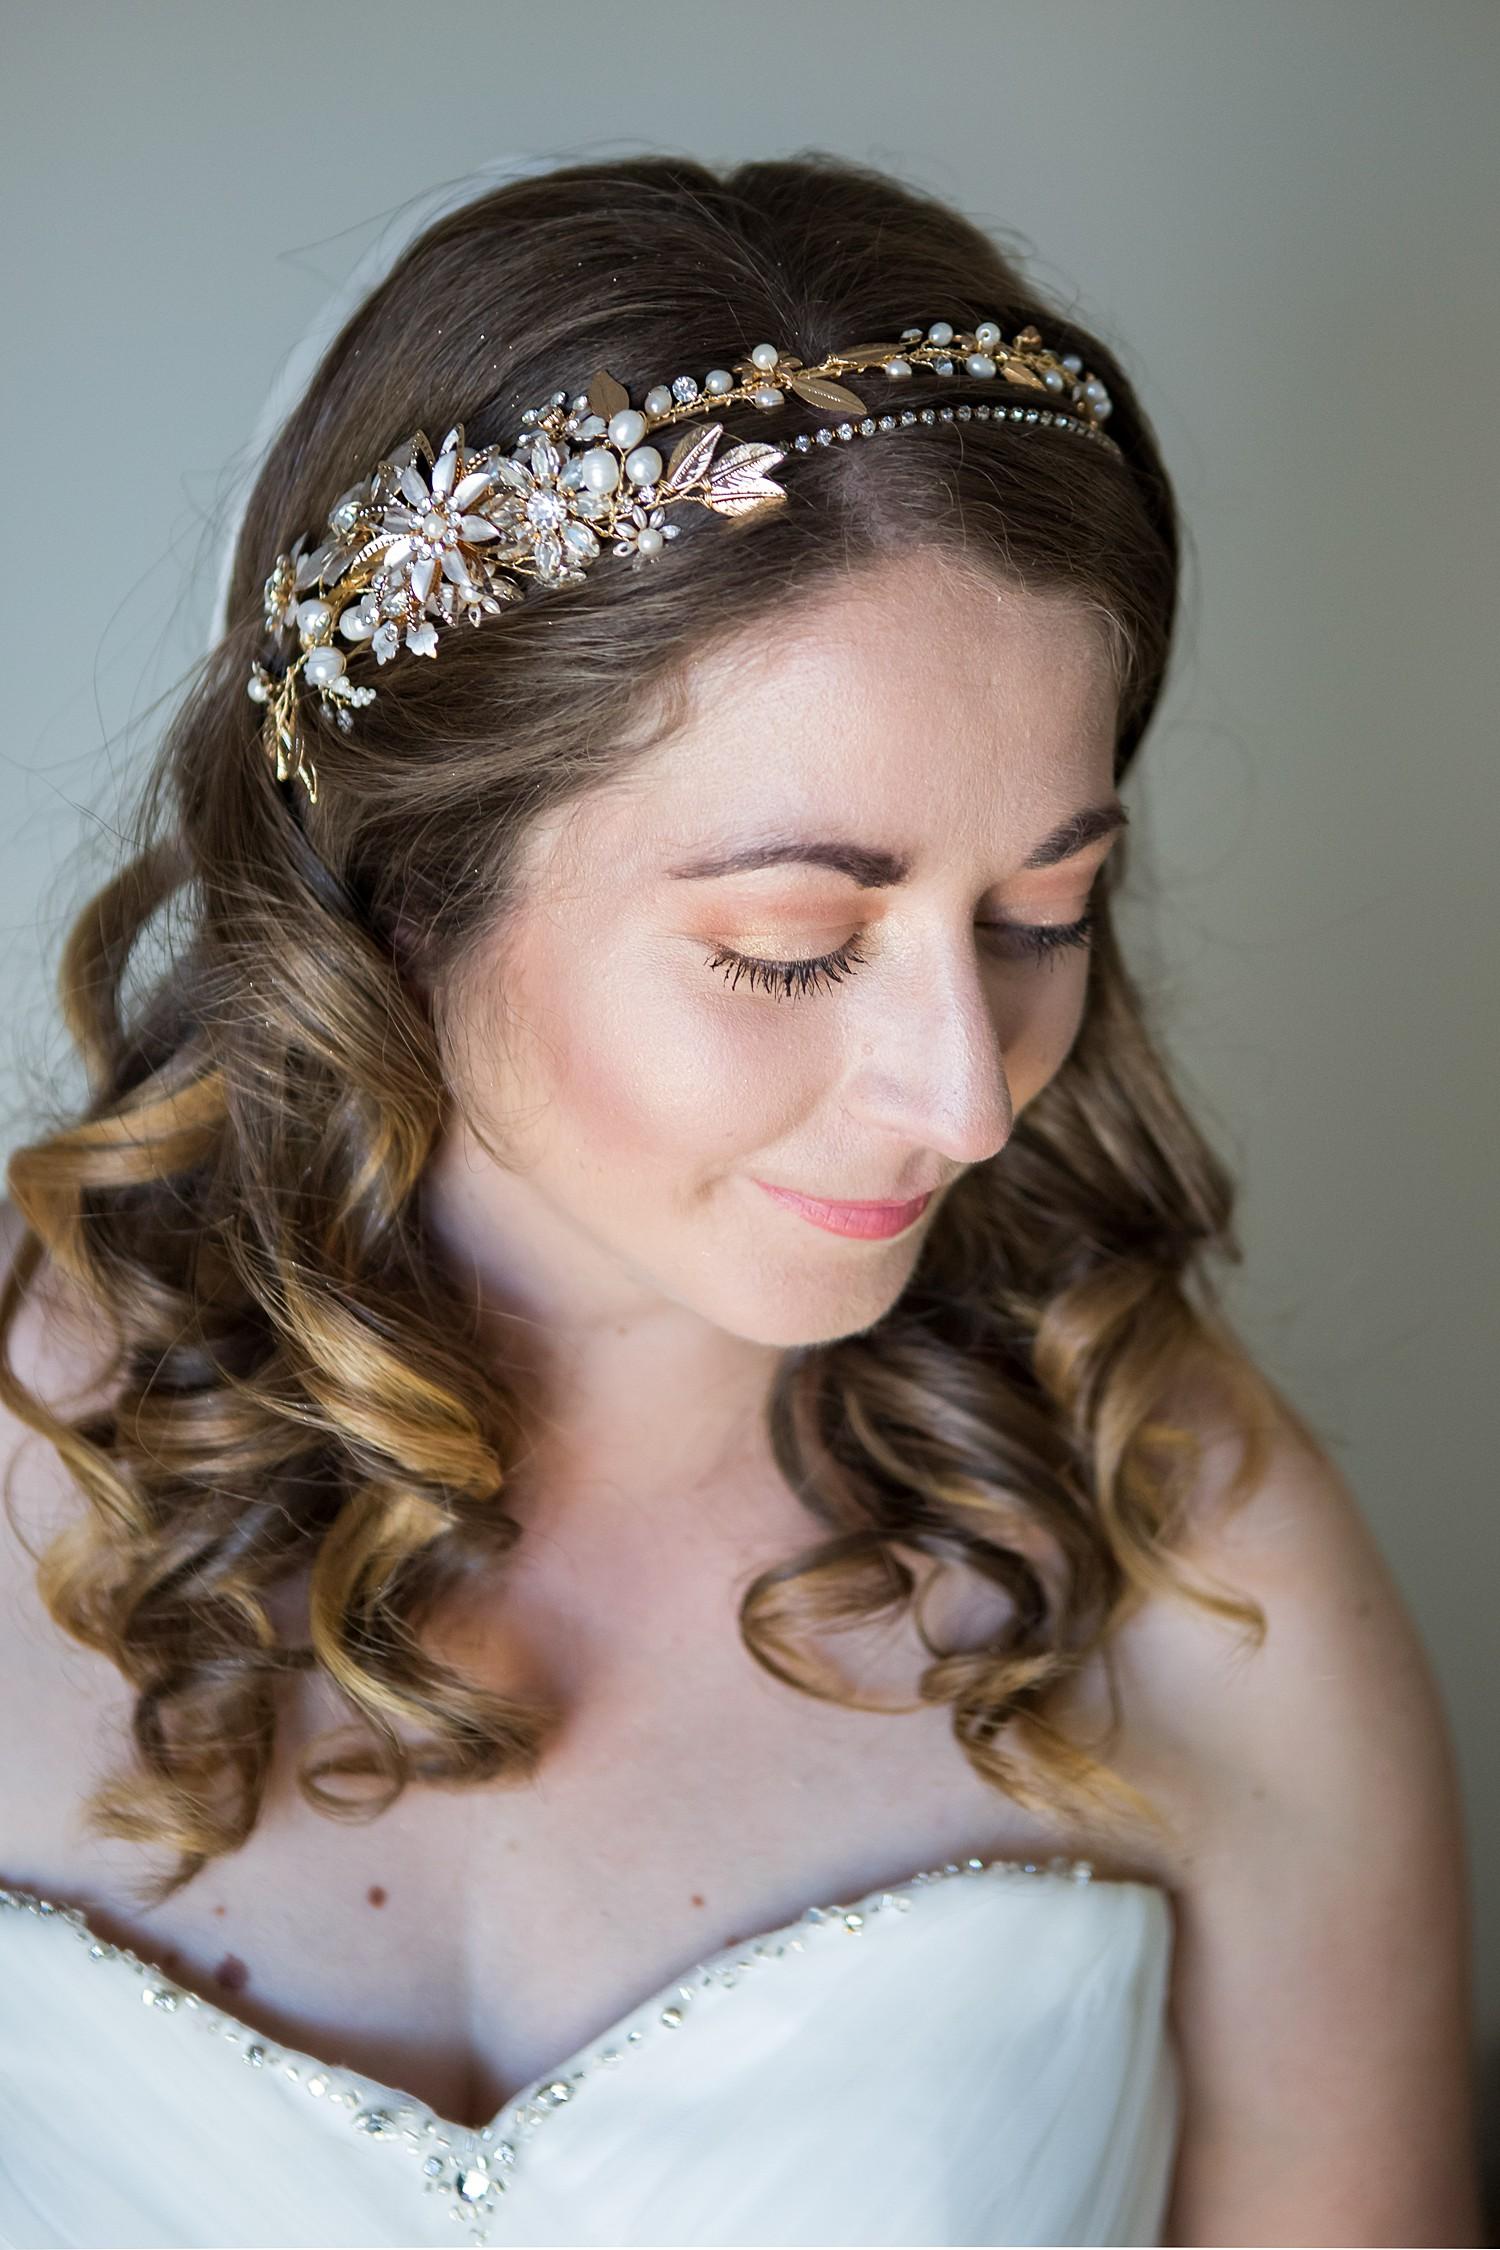 perth_wedding_spring_bridgeleigh_estate_0017.jpg